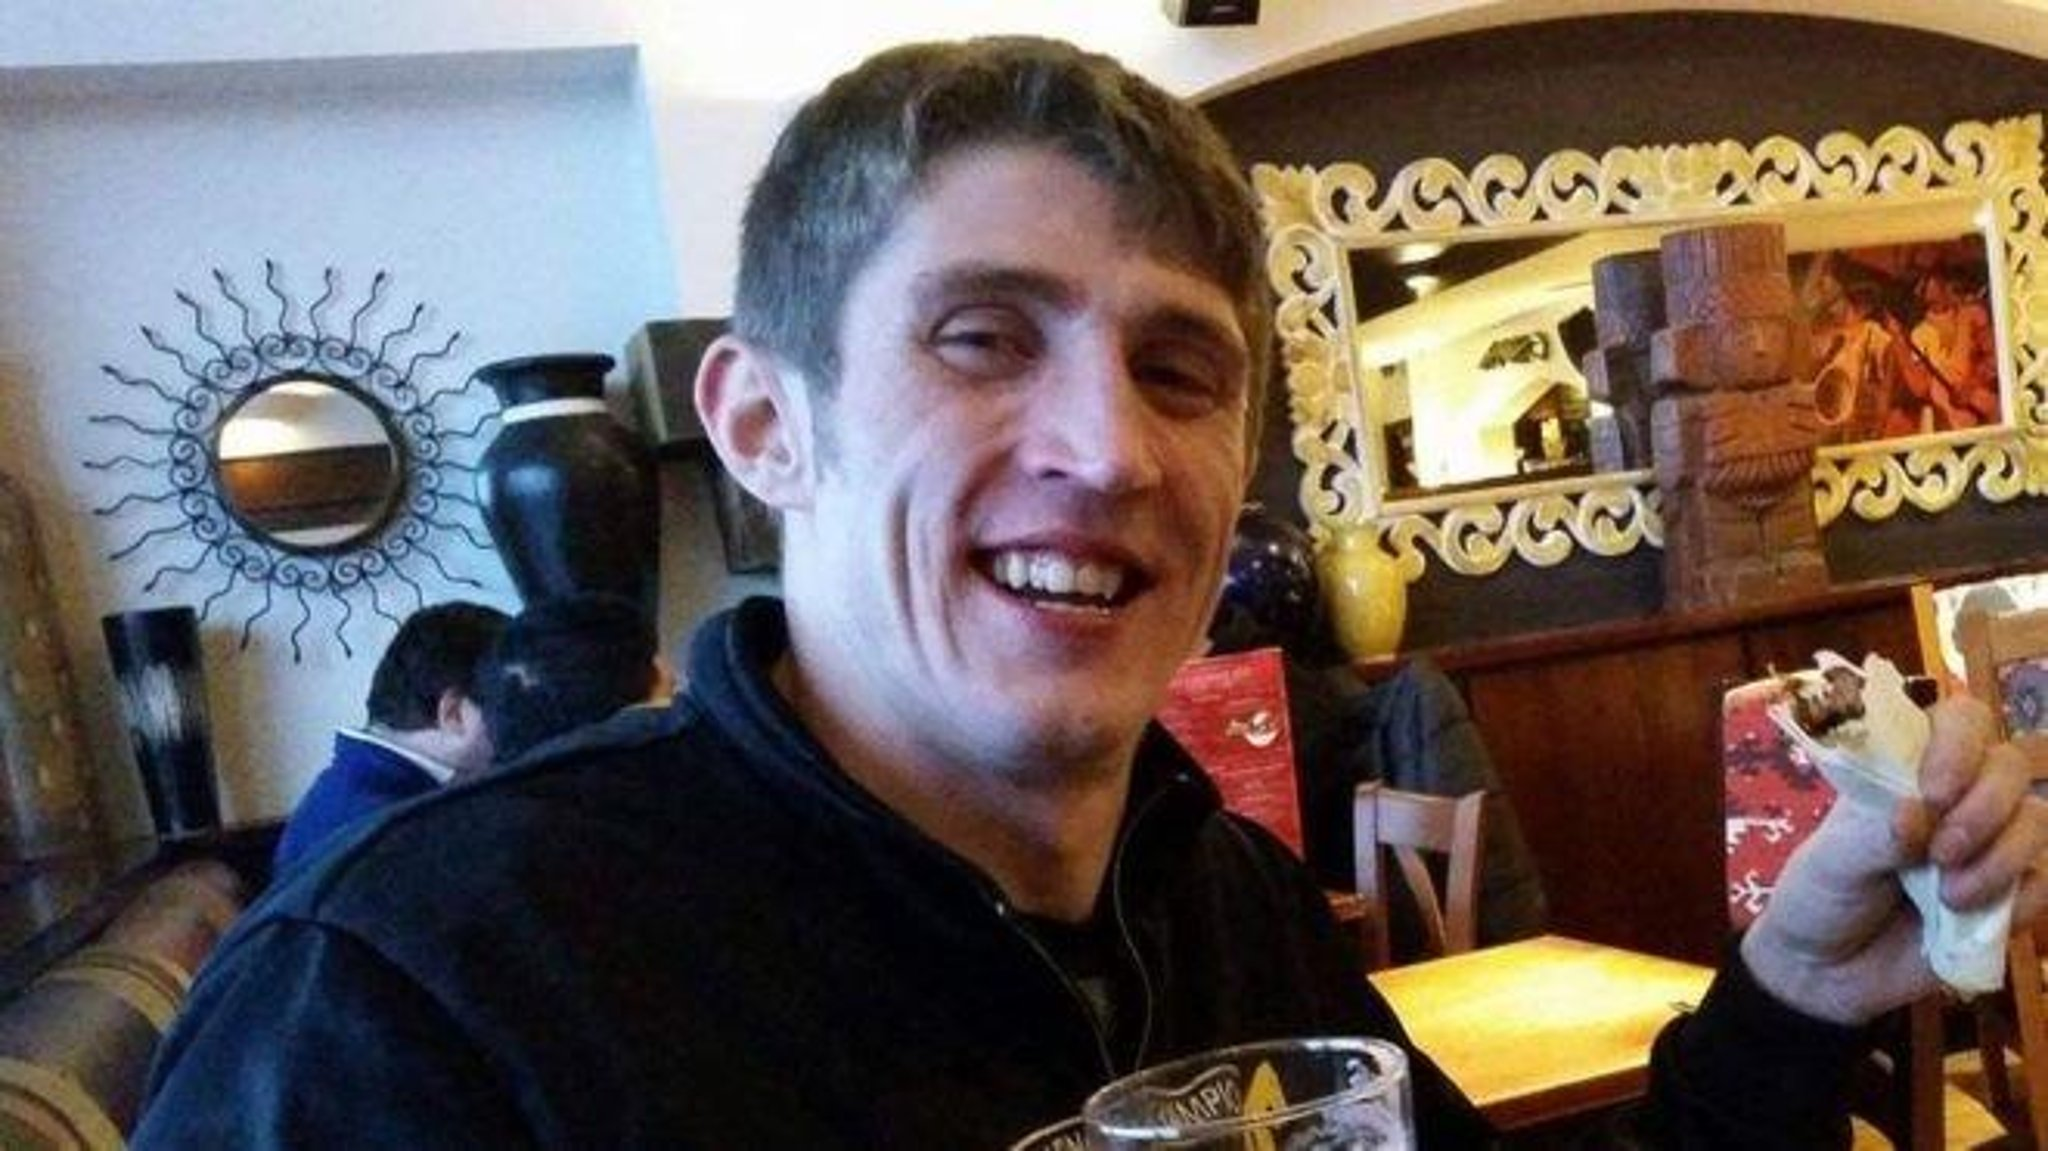 Tuntutan untuk penyelidikan publik atas kematian Penjara Saughton Allan Marshall